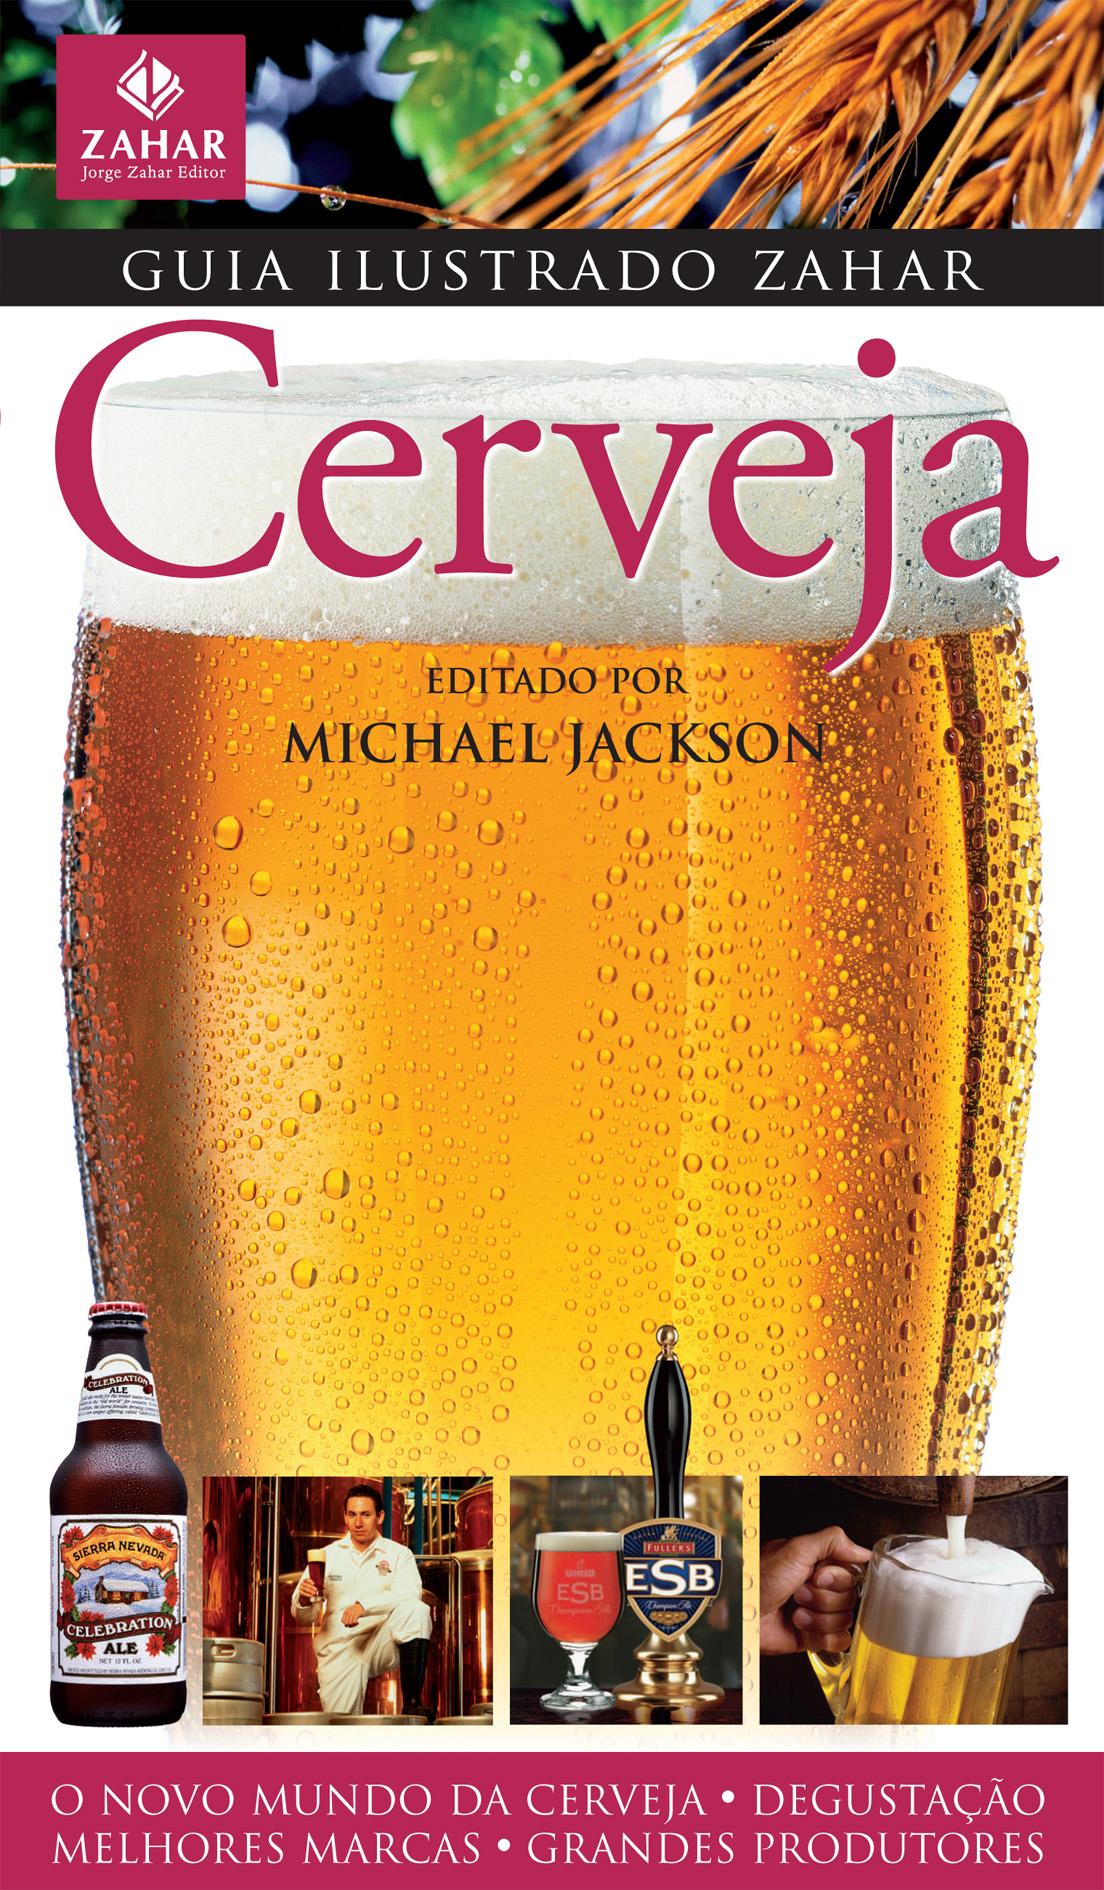 guia ilustrado zahar cerveja